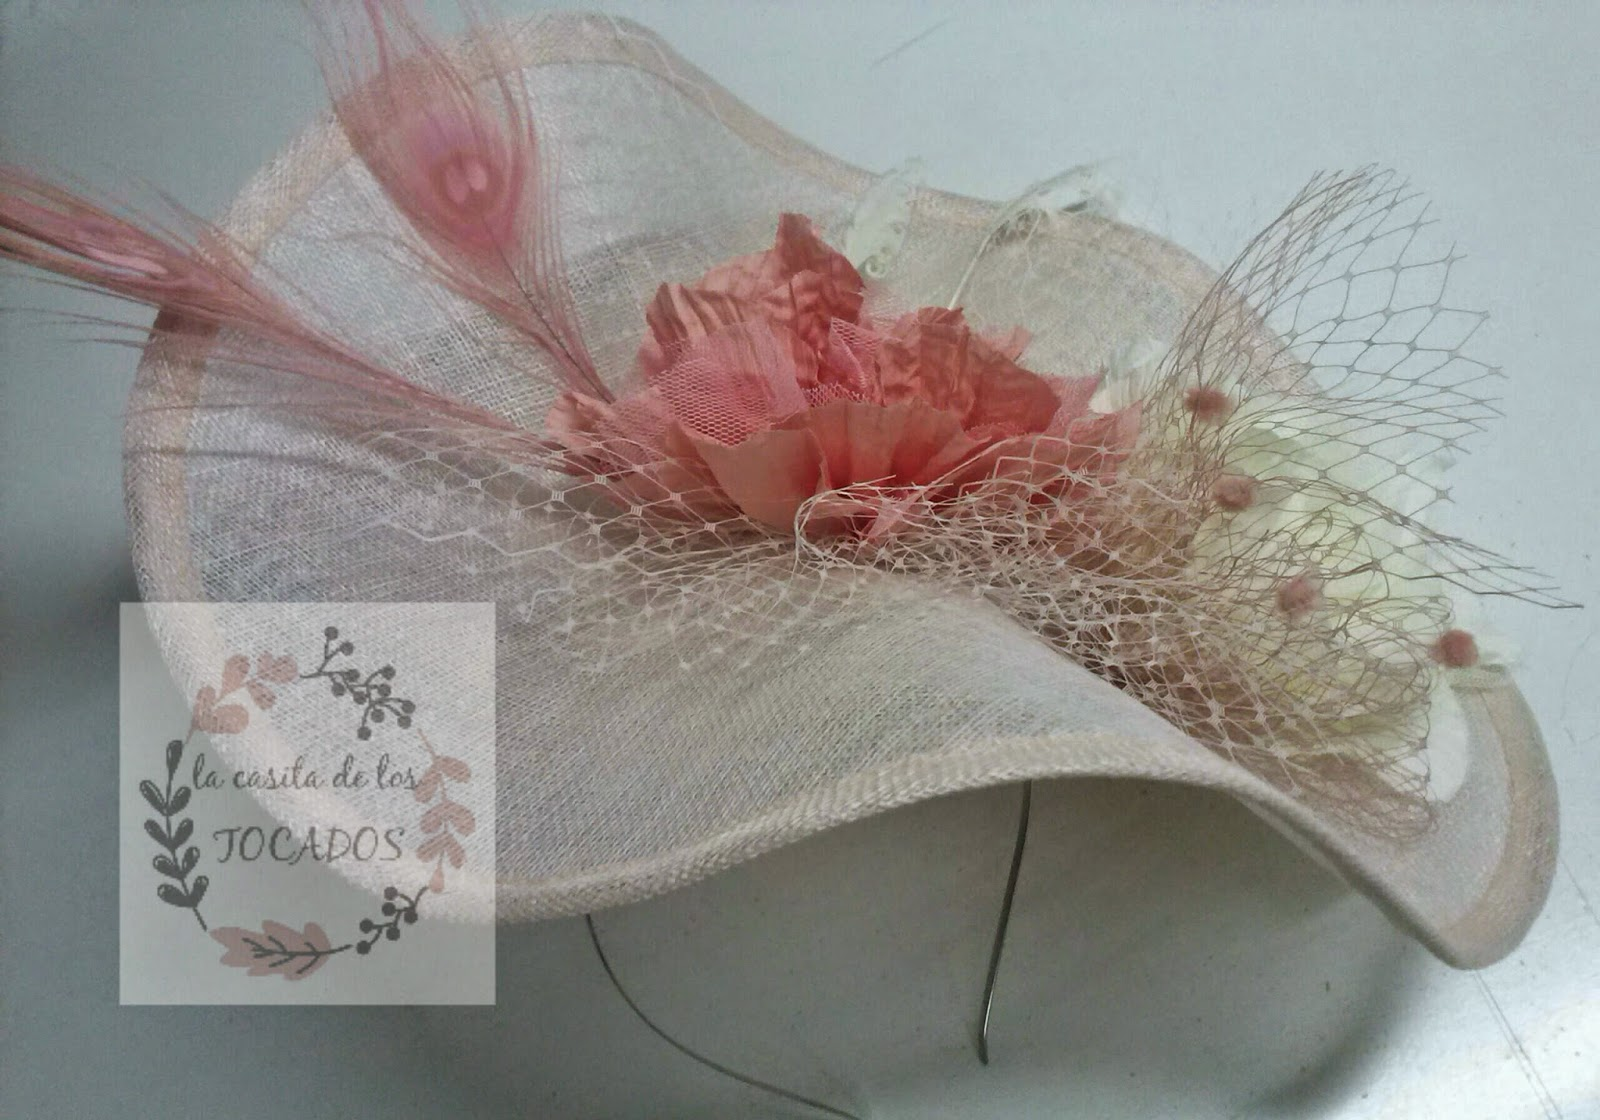 tocado artesanal a modo de pamela, grande, para bodas de mañana en colores rosa, crudo, salmón